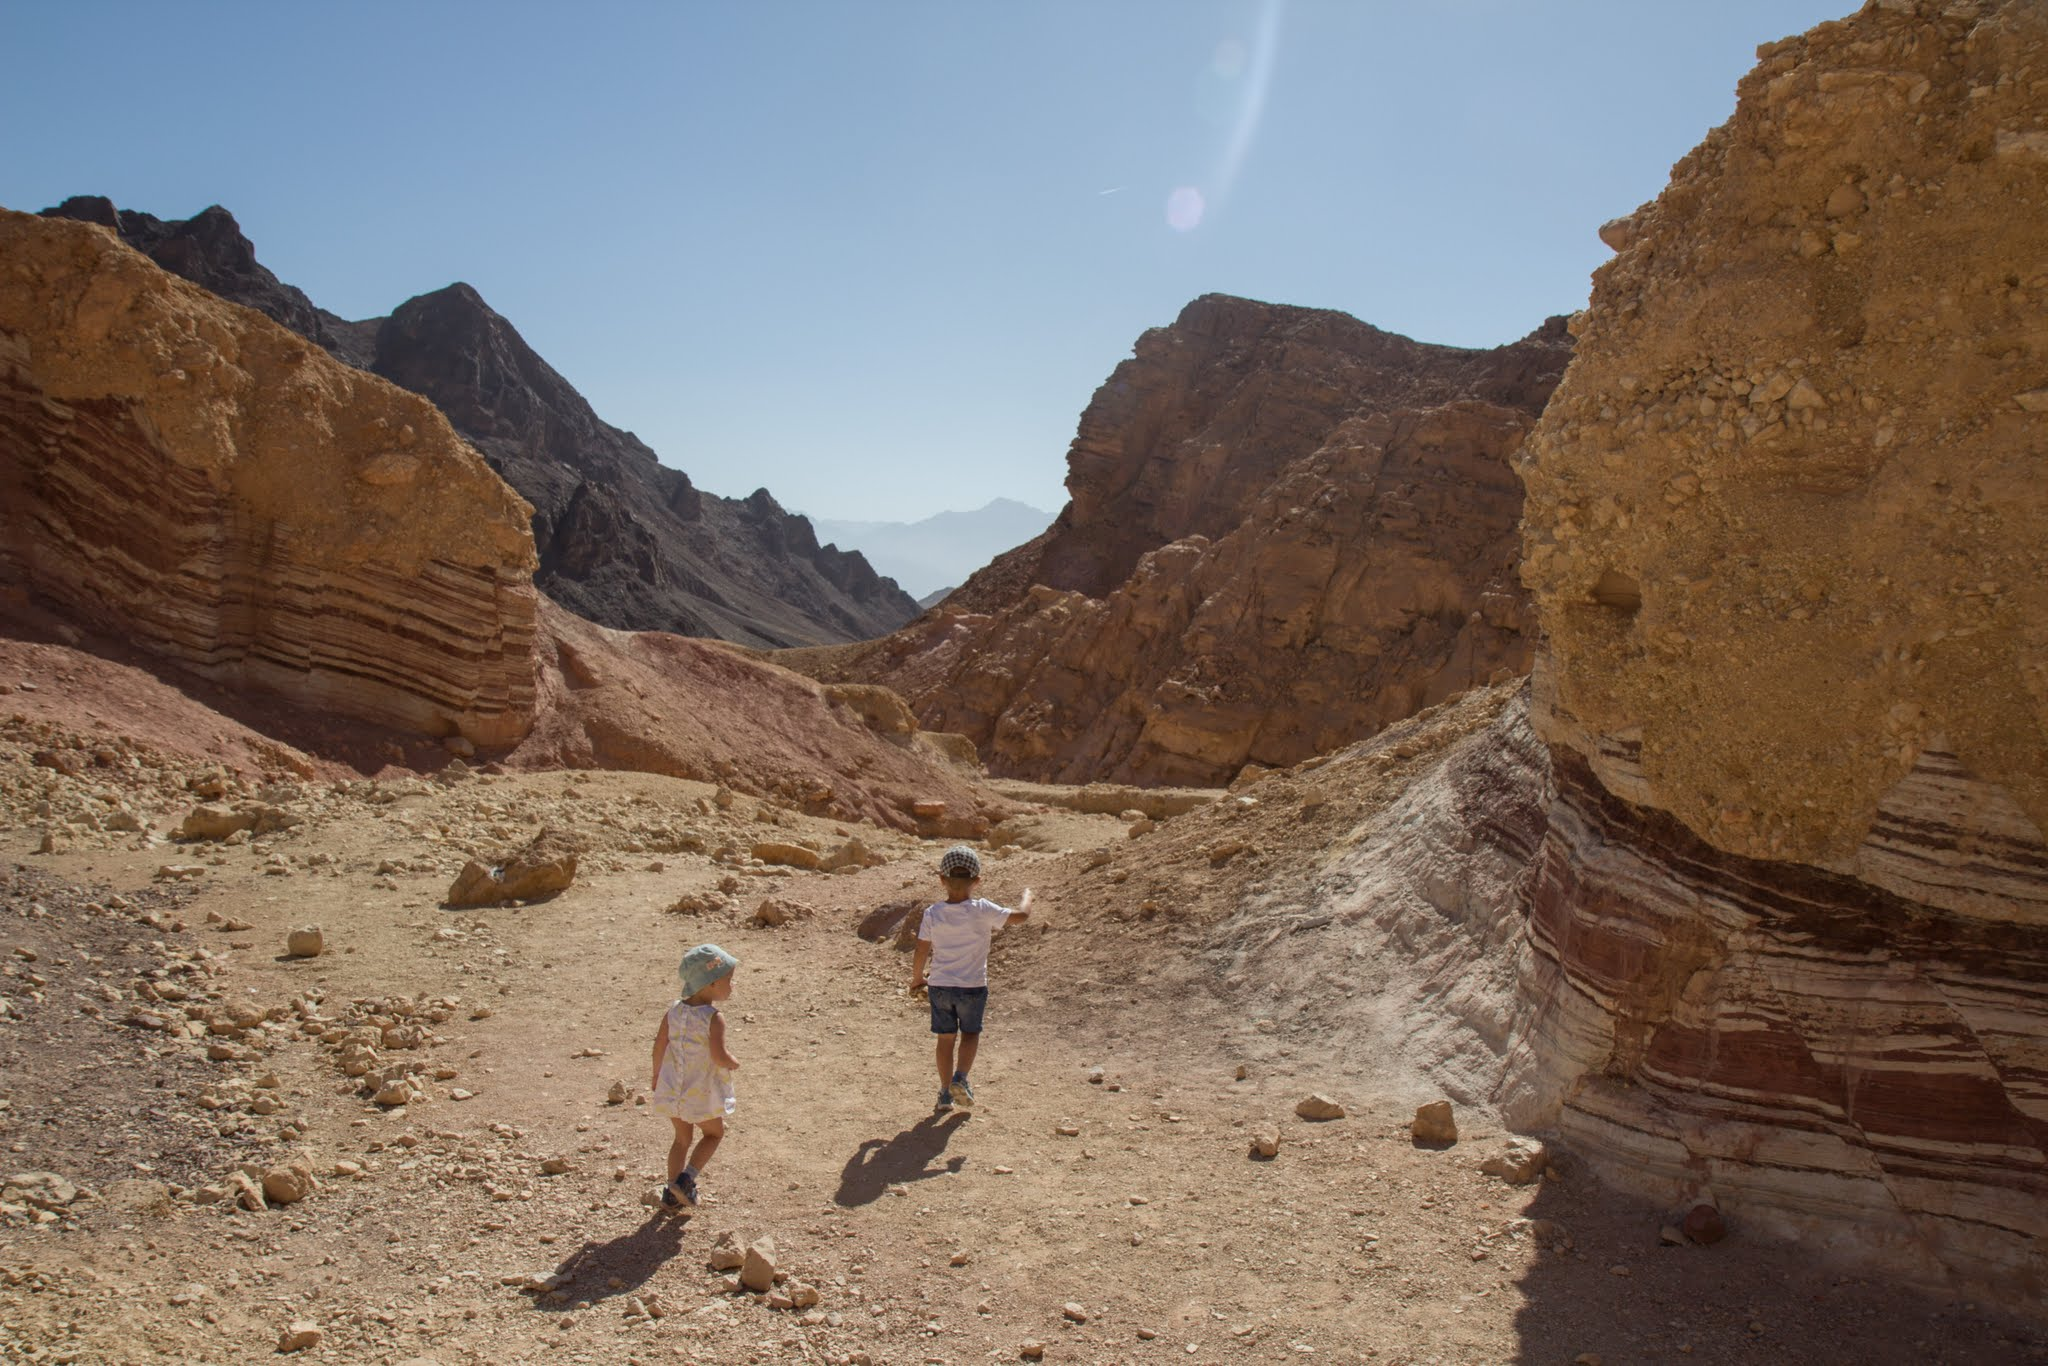 Izrael z dzieckiem, szlaki na pustyni Negew